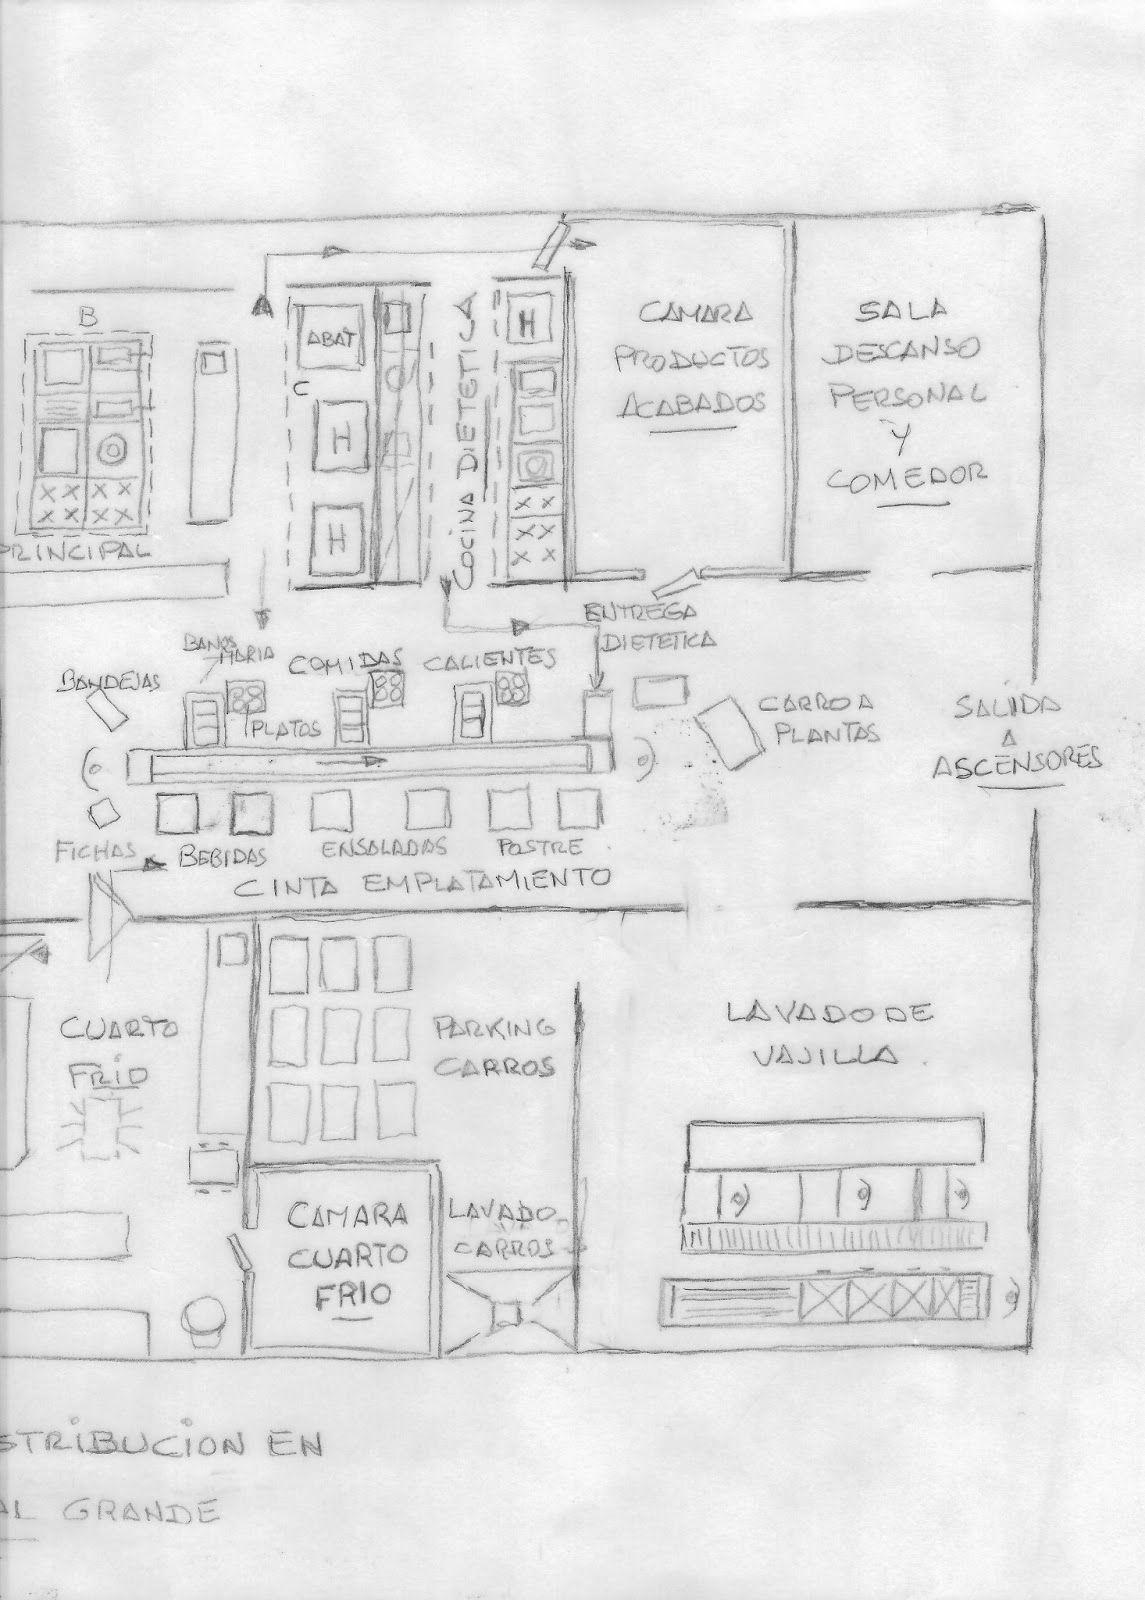 Diseño De Cocinas Industriales Cocina En Un Hospital Hospitales Cocina Industrial Restaurantes Planos